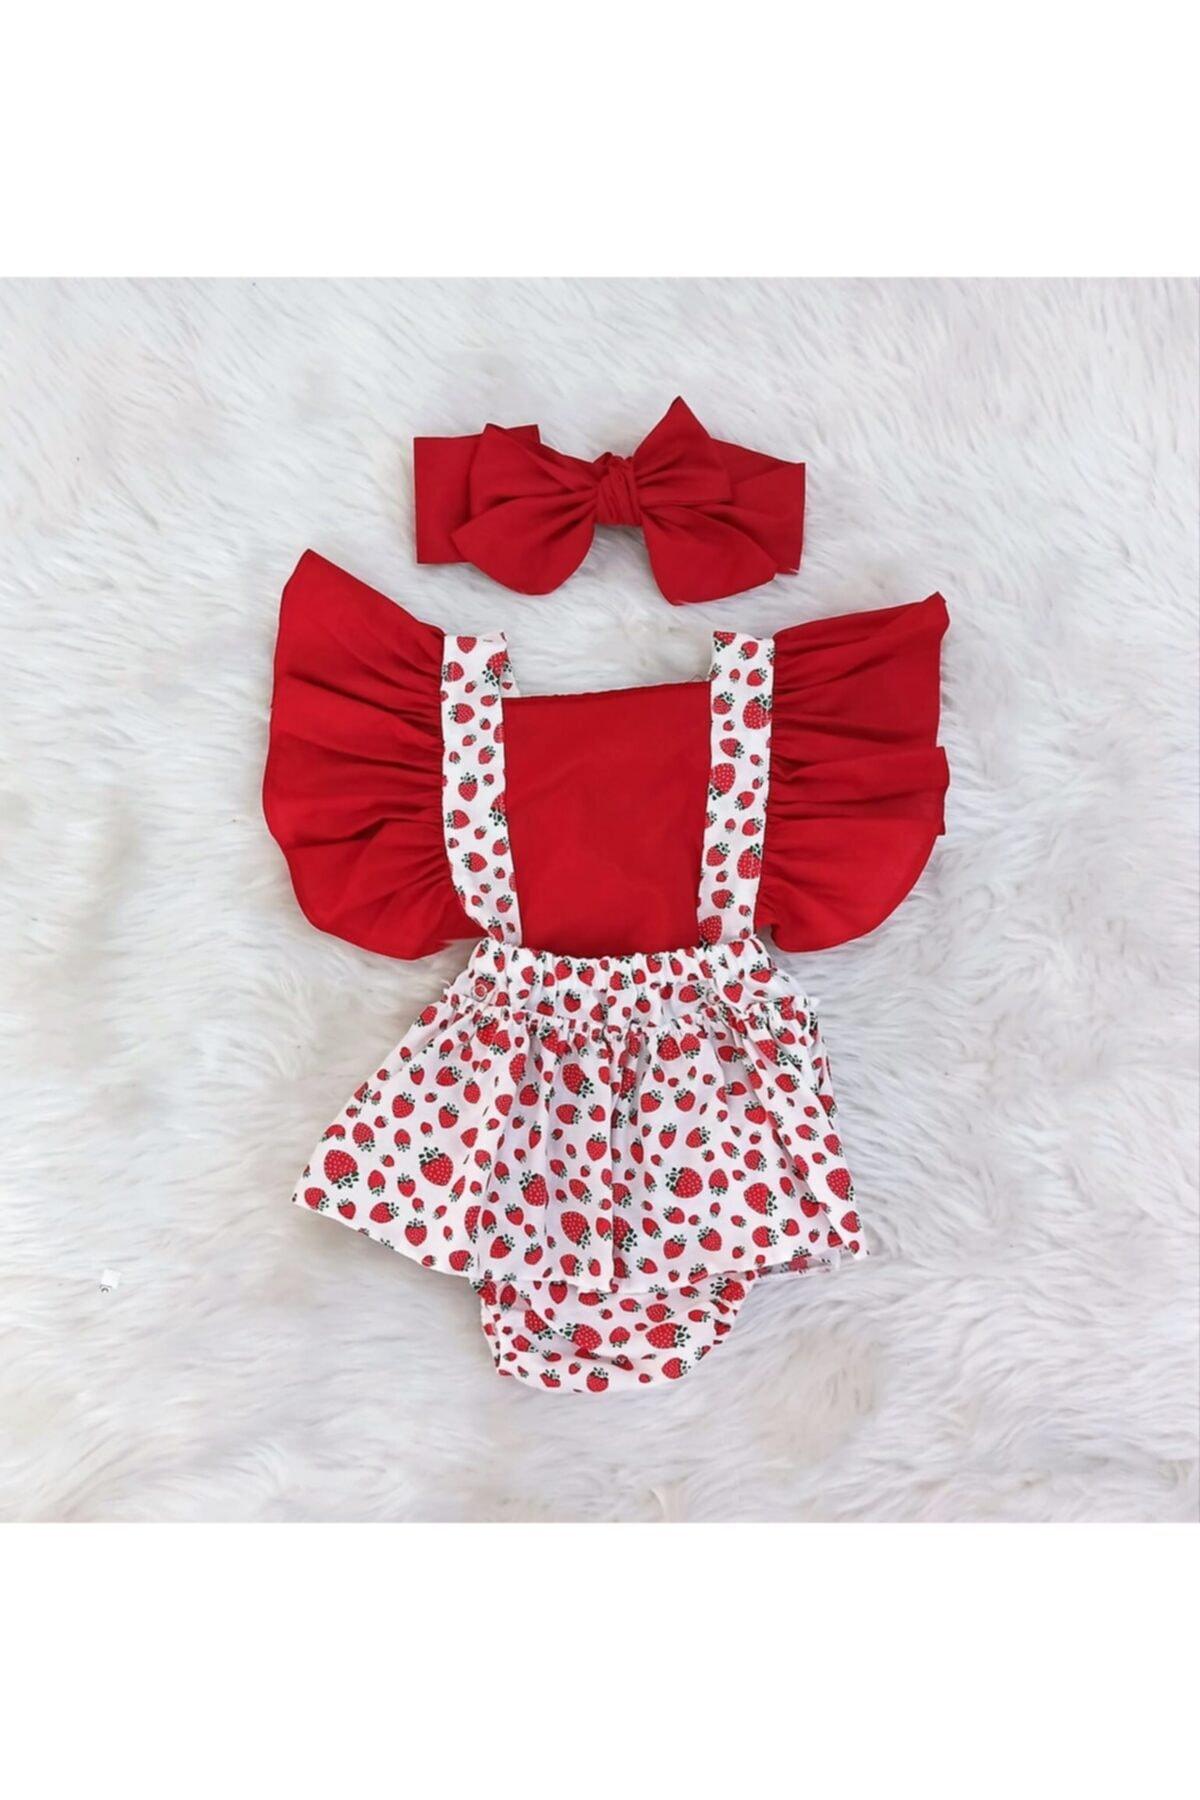 خرید مدل ست لباس نوزاد دخترانه برند AKİF GİYİM رنگ قرمز ty115636437